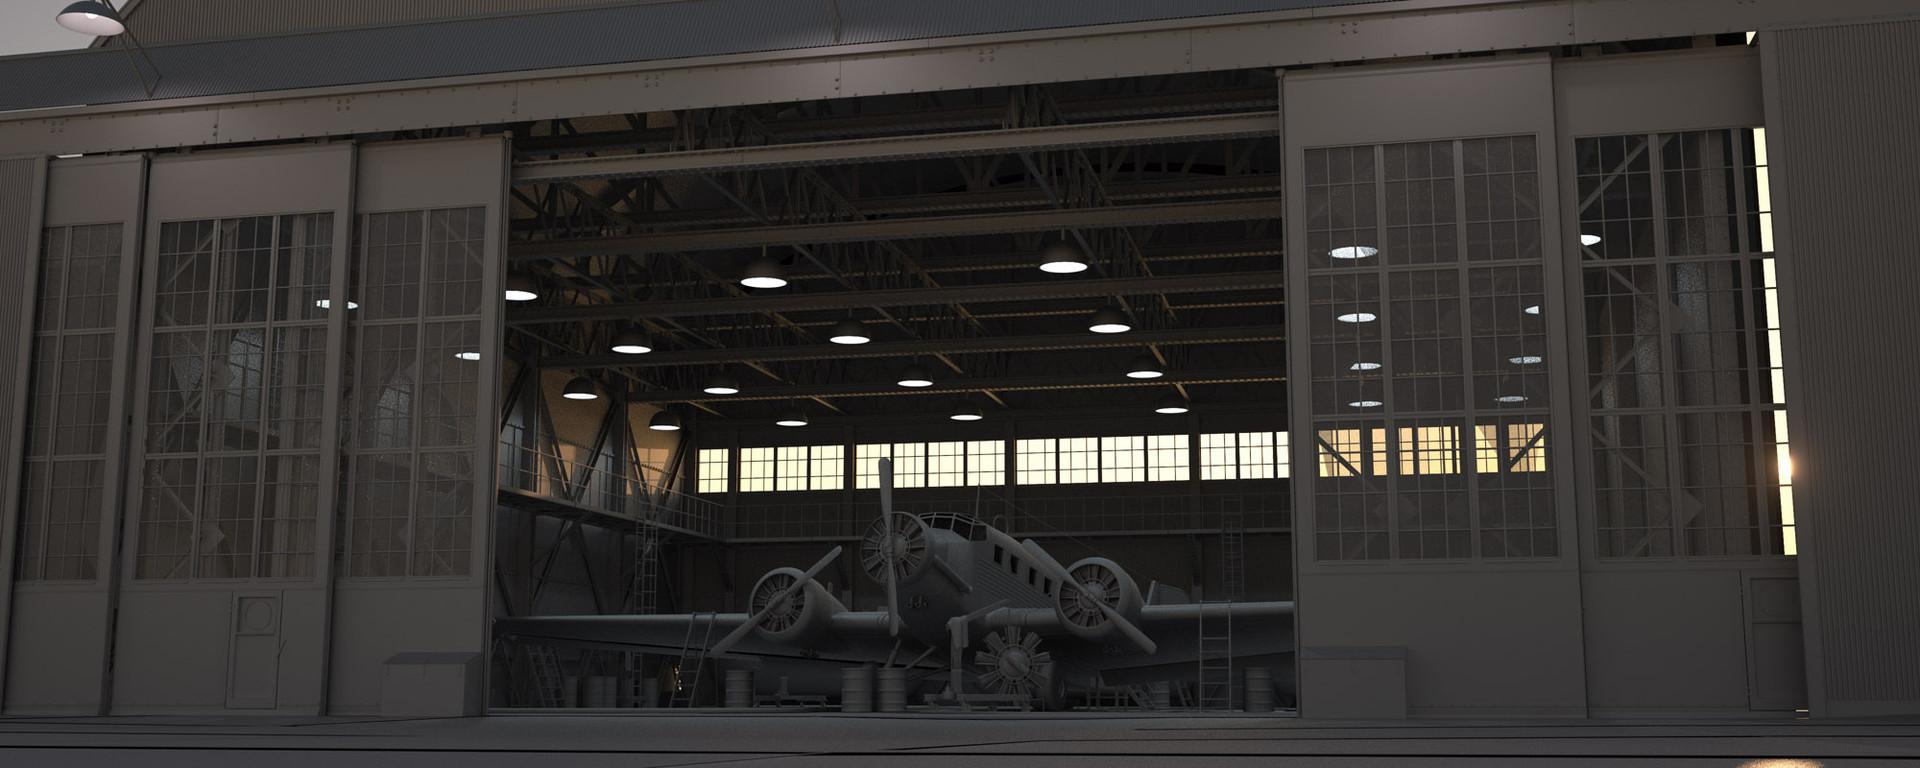 Daniel schindler hangar